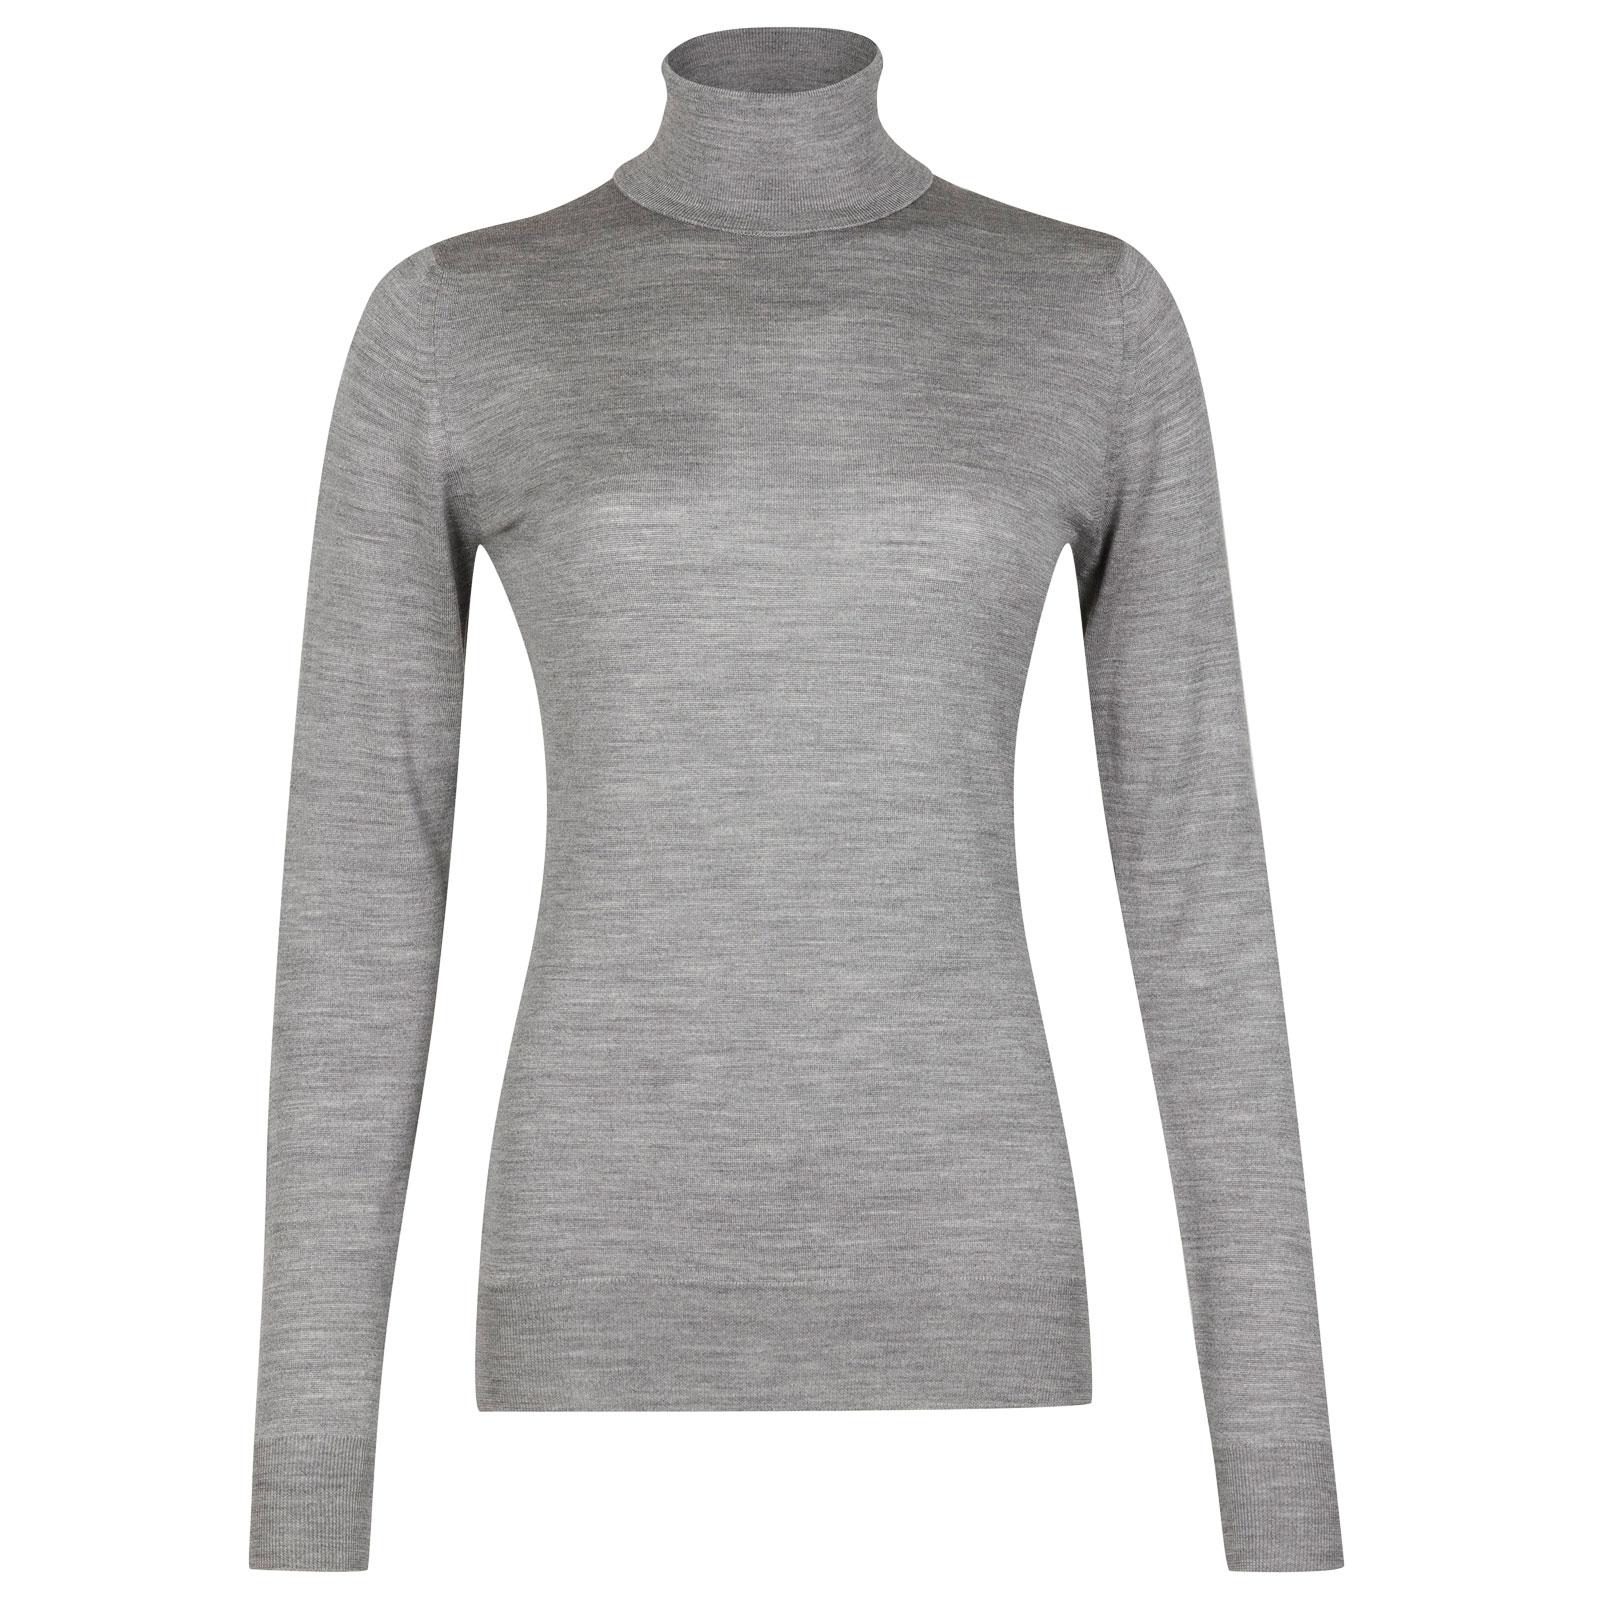 John Smedley Catkin Merino Wool Sweater in Silver-XL